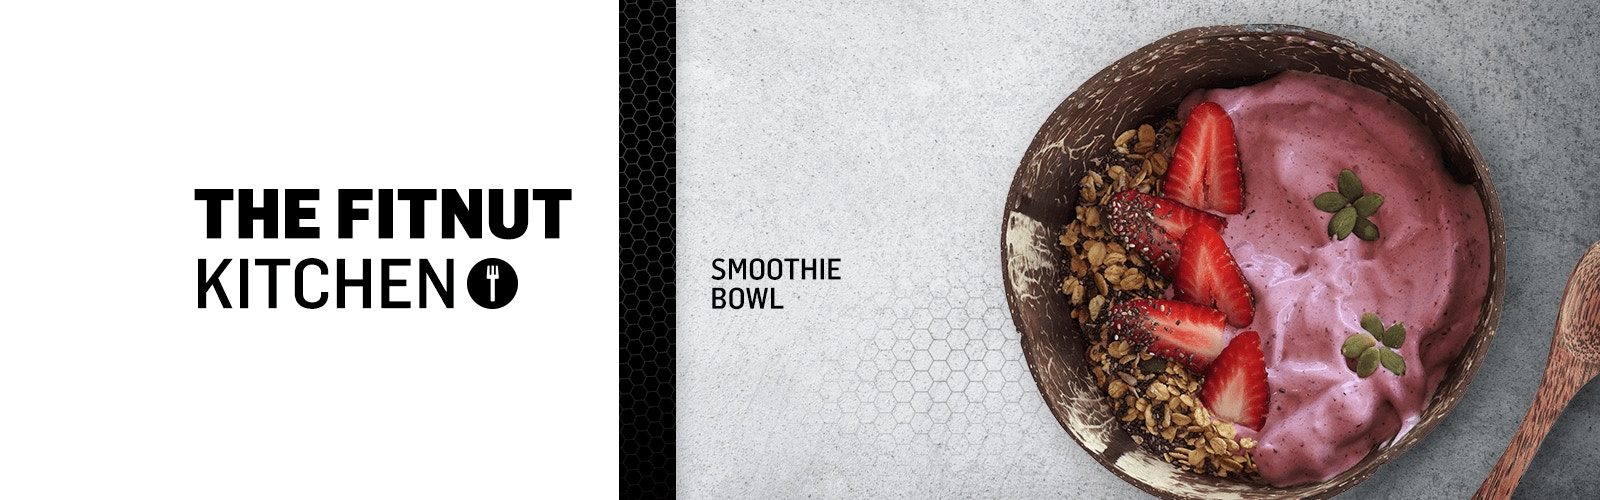 SIS - The Fitnut Kitchen - Smoothie Bowl